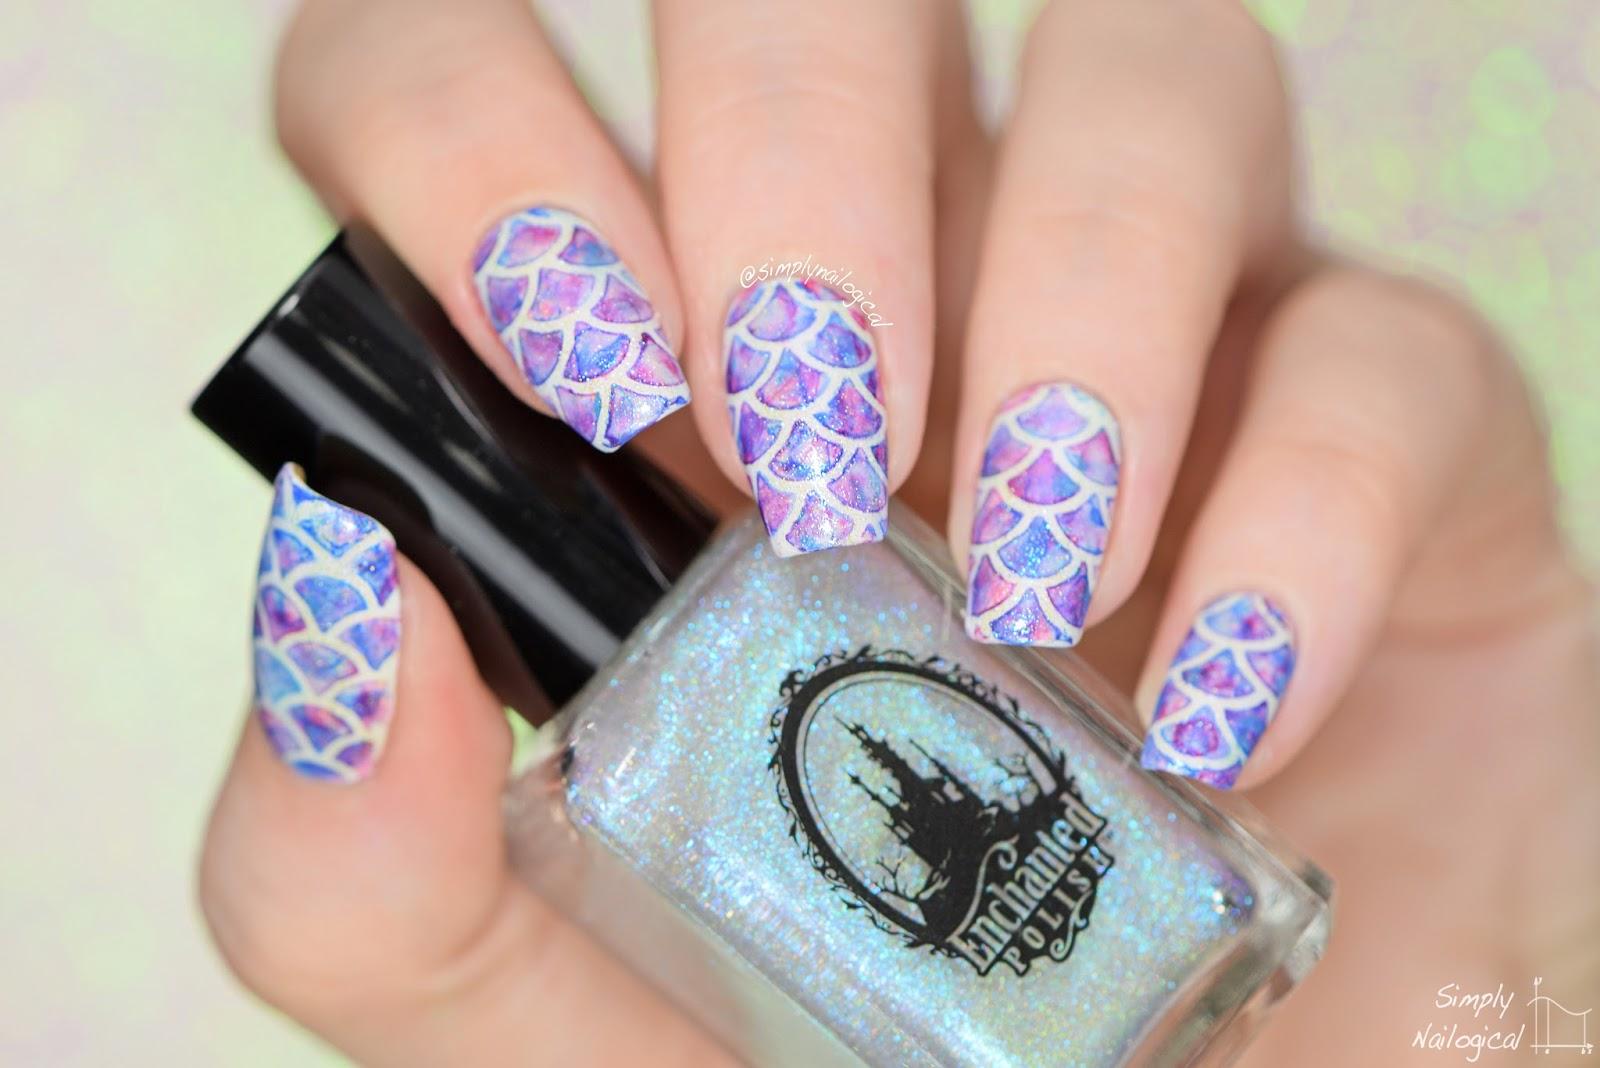 Simply Nailogical Watercolour Mermaid Nails